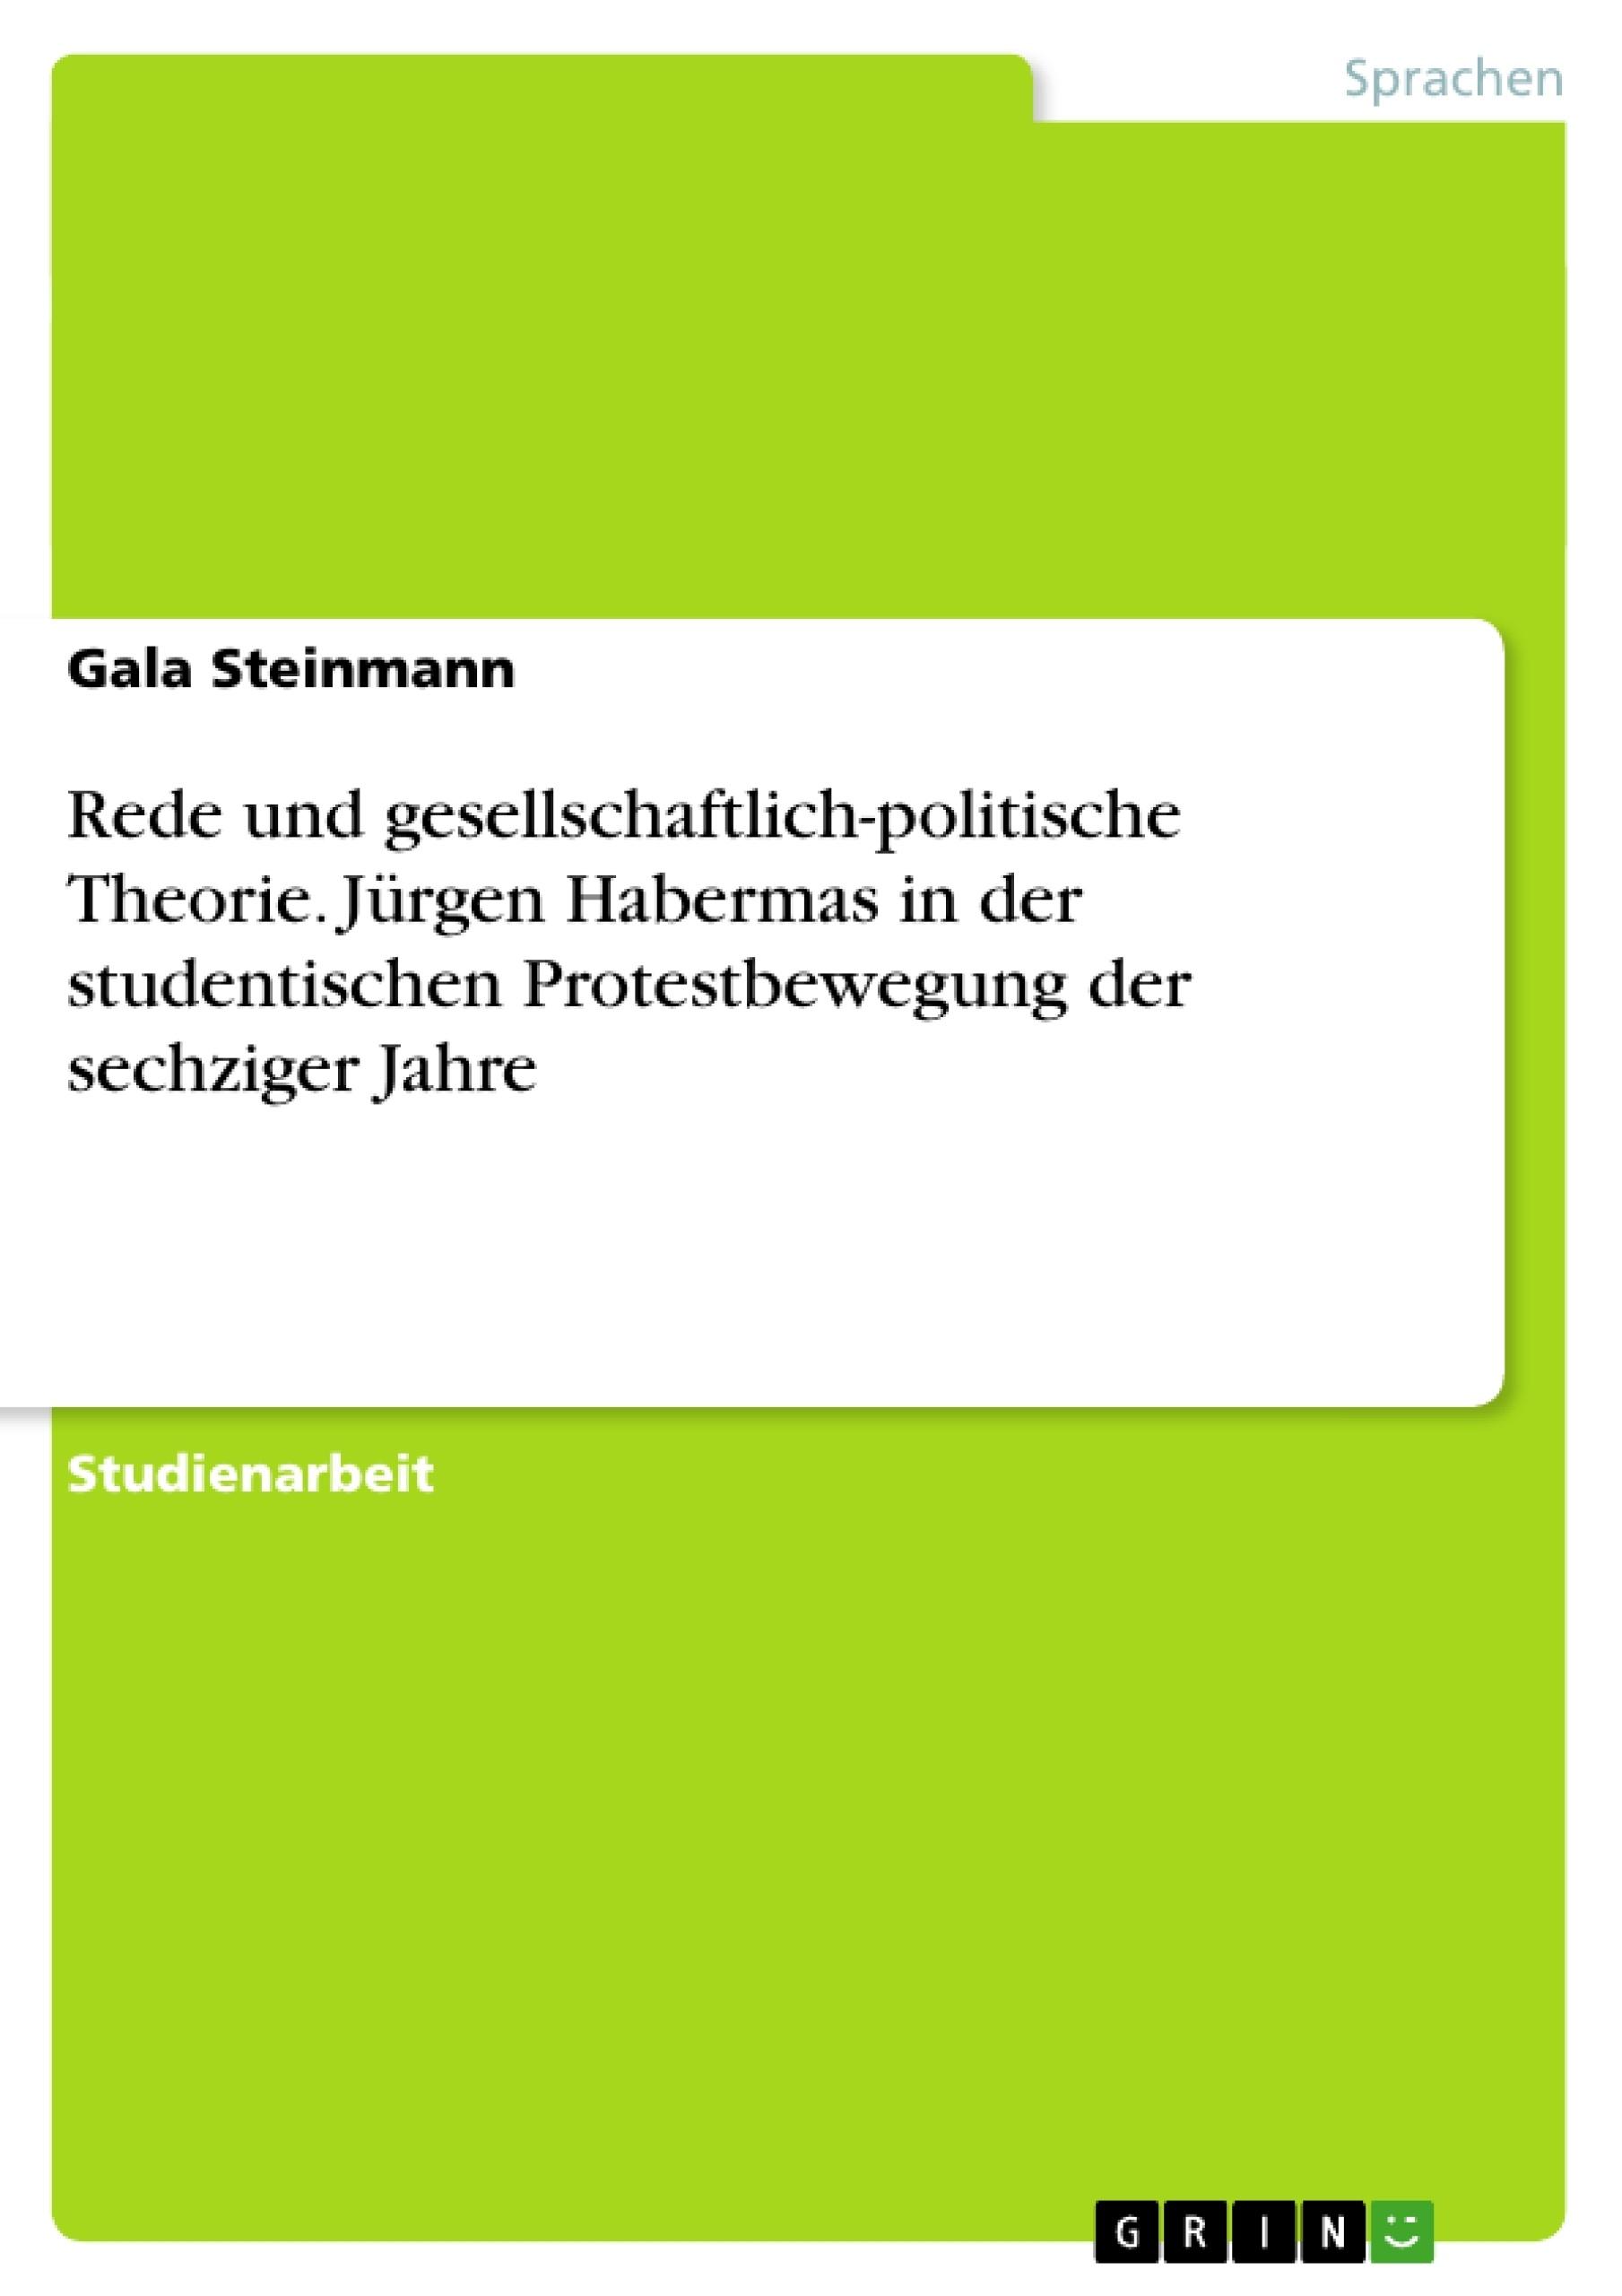 Titel: Rede und gesellschaftlich-politische Theorie. Jürgen Habermas in der studentischen Protestbewegung der sechziger Jahre